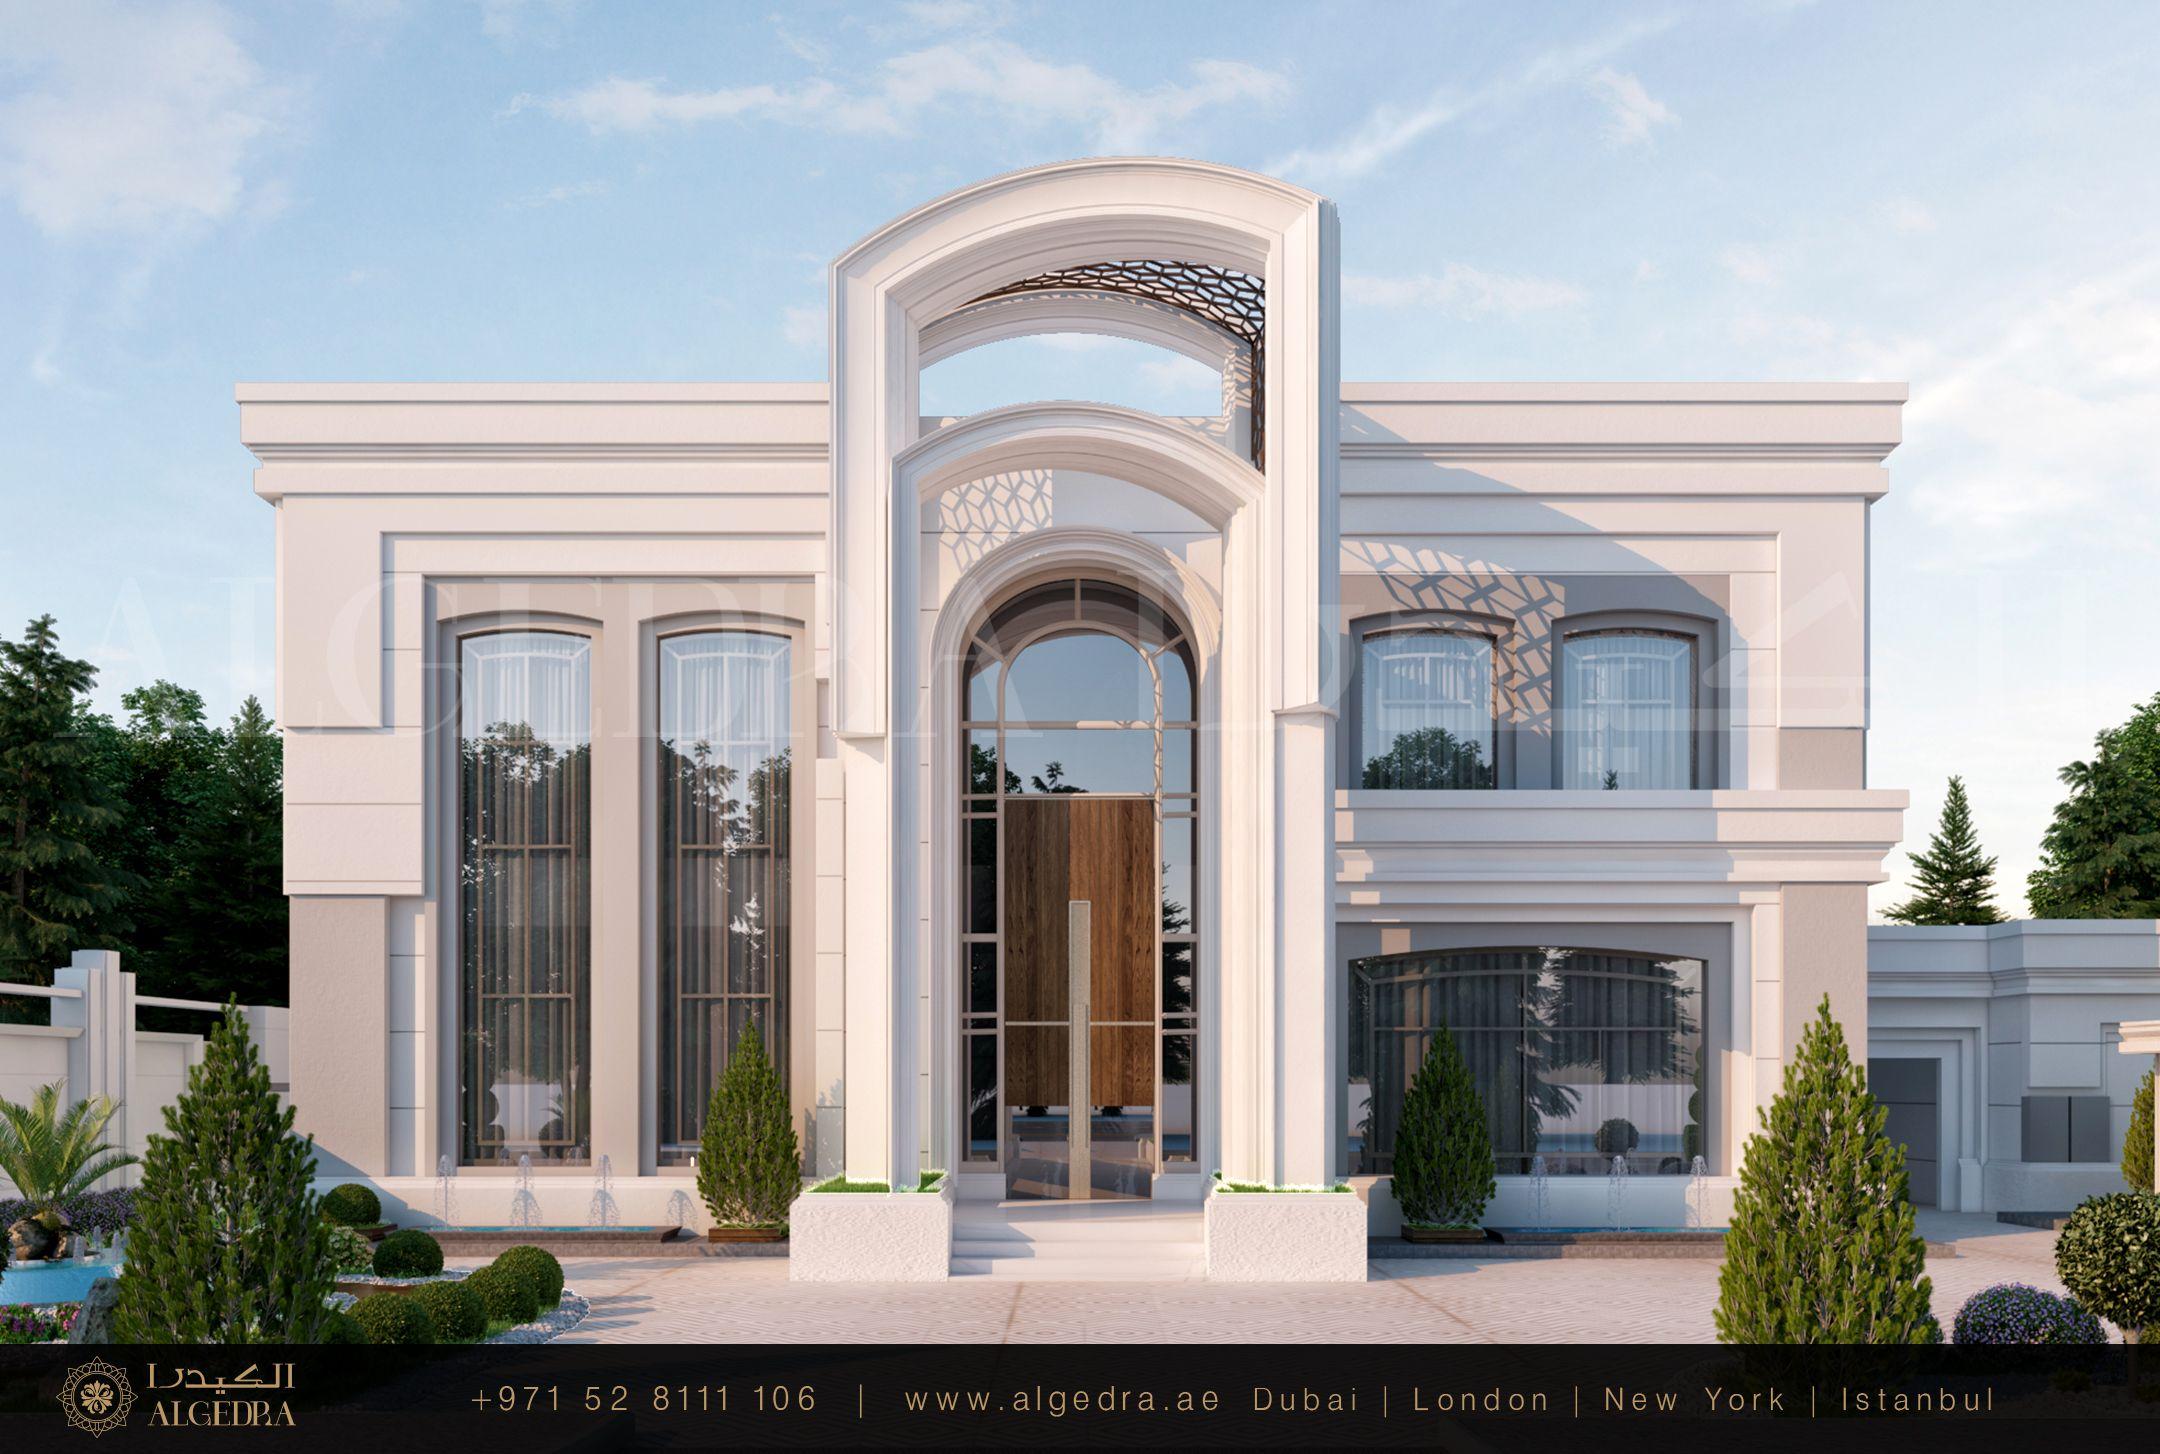 يعد تصميم واجهة الفيلا من أهم الخطوات التي يتم اتخاذها لدى القيام بالتصميم الخارجي لأن المفهوم الهندسي المعتمد فيها Exterior Design Luxury Villa Modern Luxury